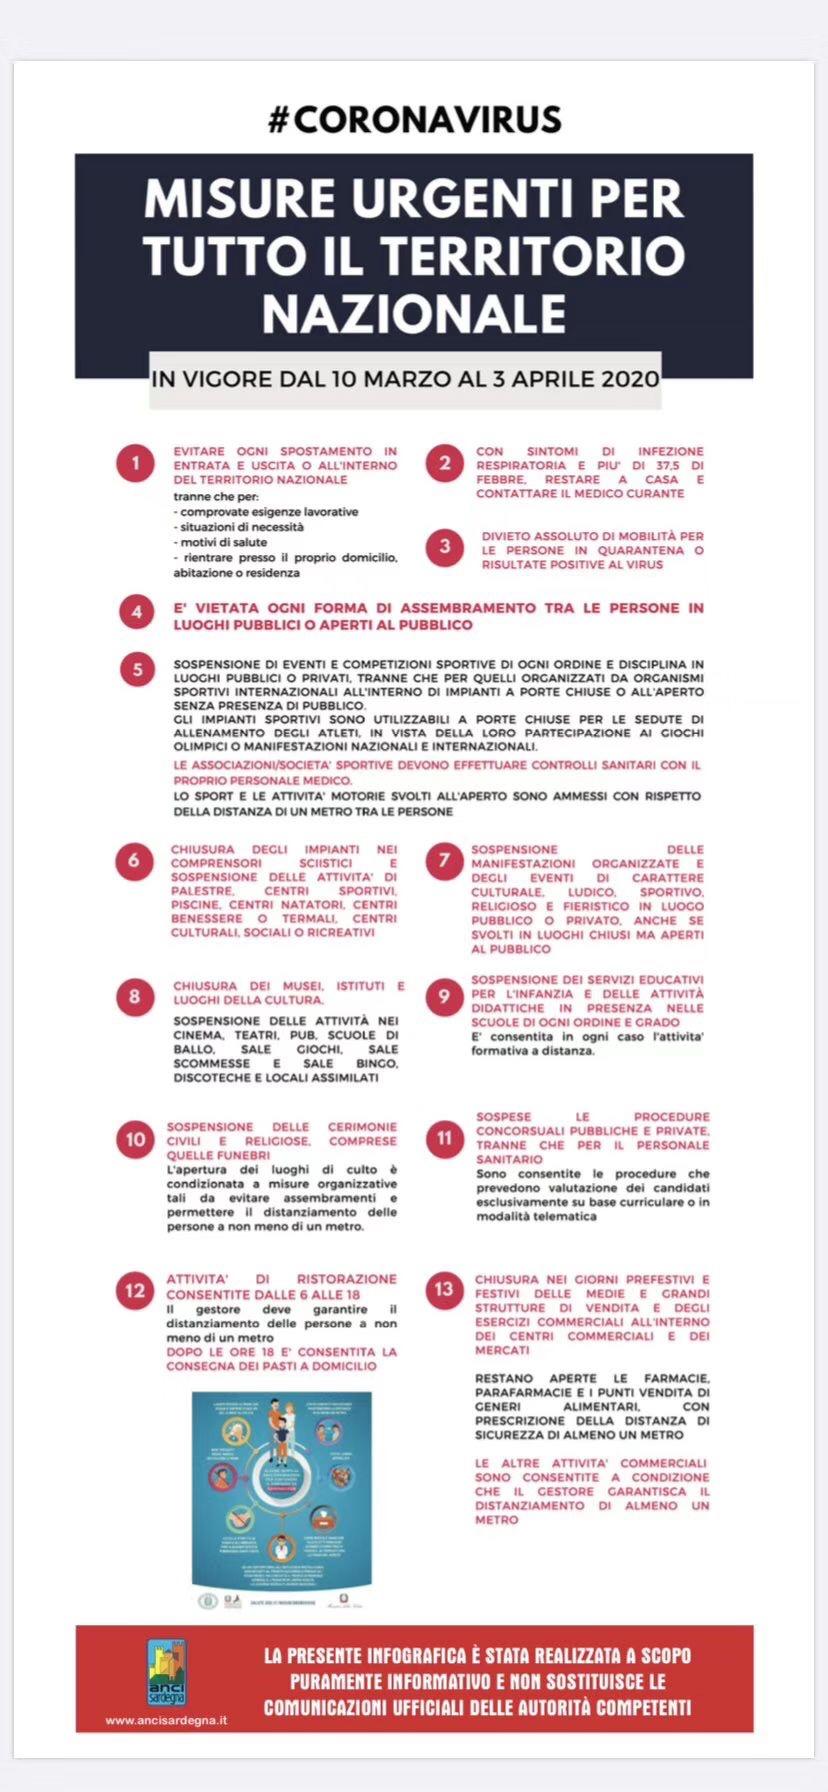 驻意大利使馆   :关于请遵守全意范围内限制出行法令的温馨提示 意国杂烩 第2张